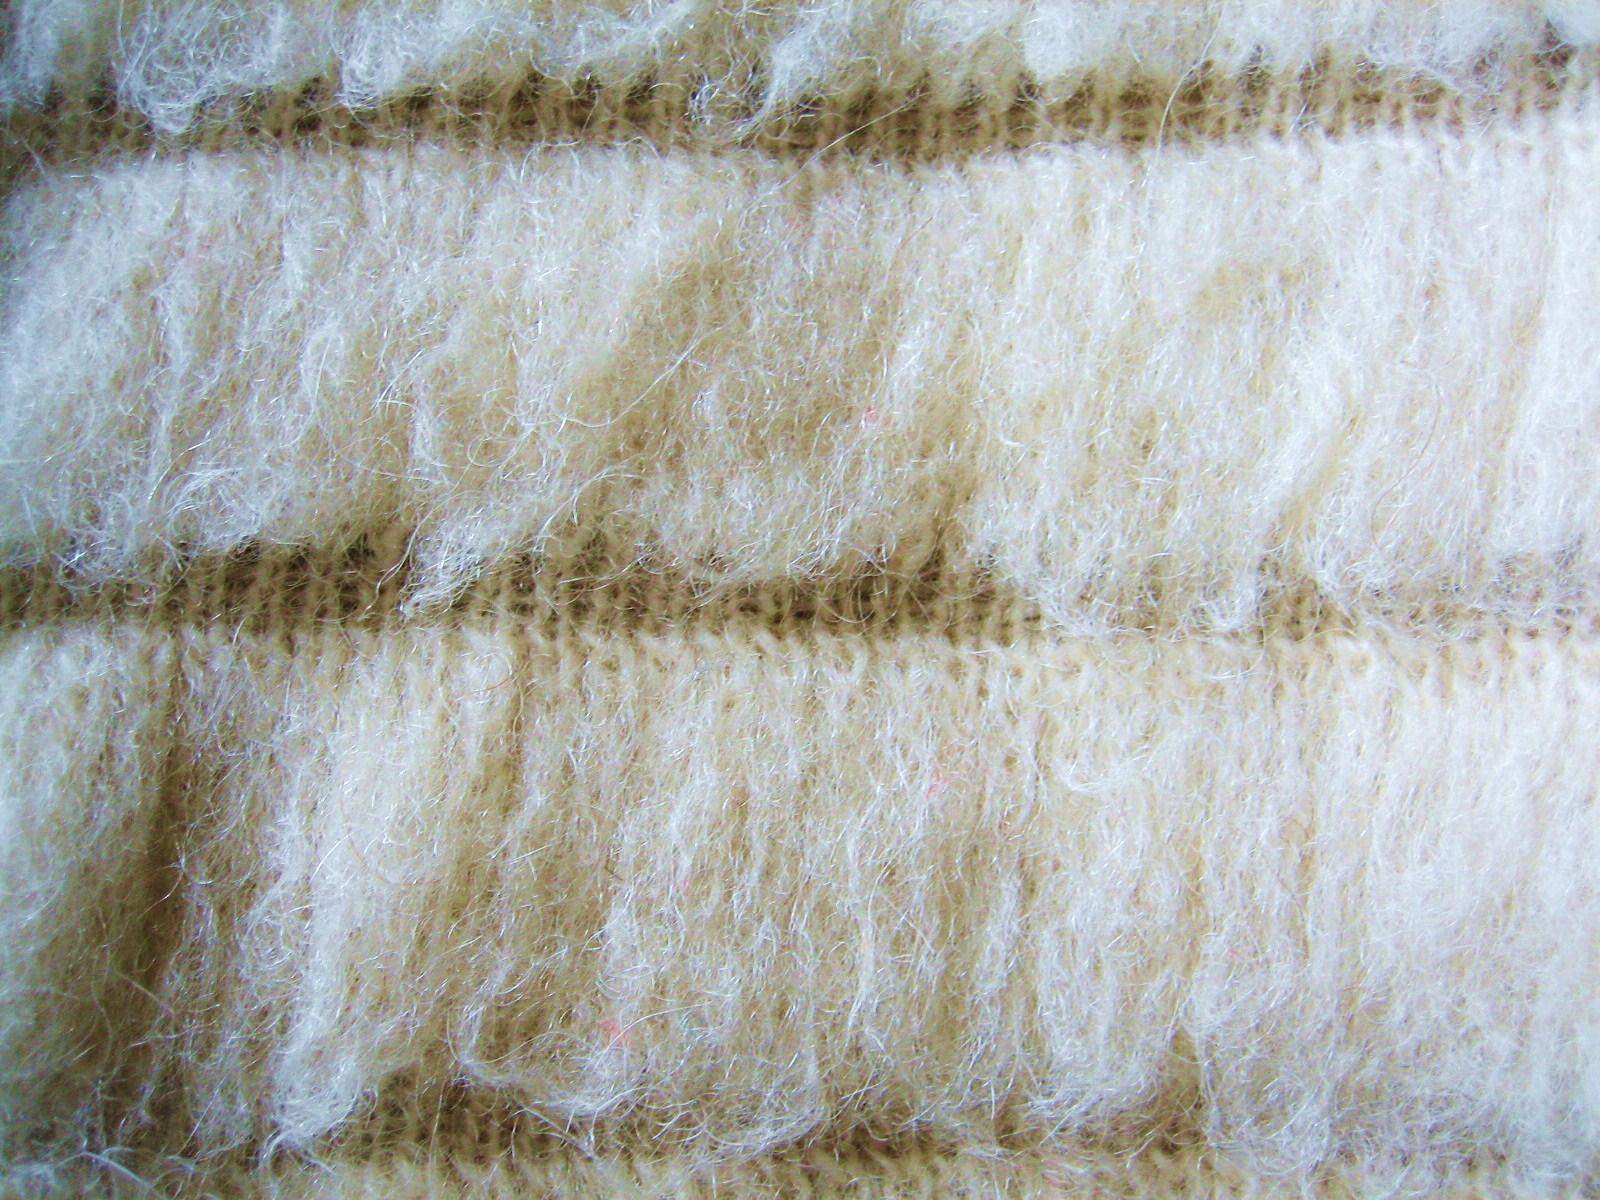 http://1.bp.blogspot.com/_WJjc0N1hIH4/S9ONG1roVCI/AAAAAAAAK3I/xUe-bZ010ZQ/s1600/shaggy+arctic+sheep+wool.JPG